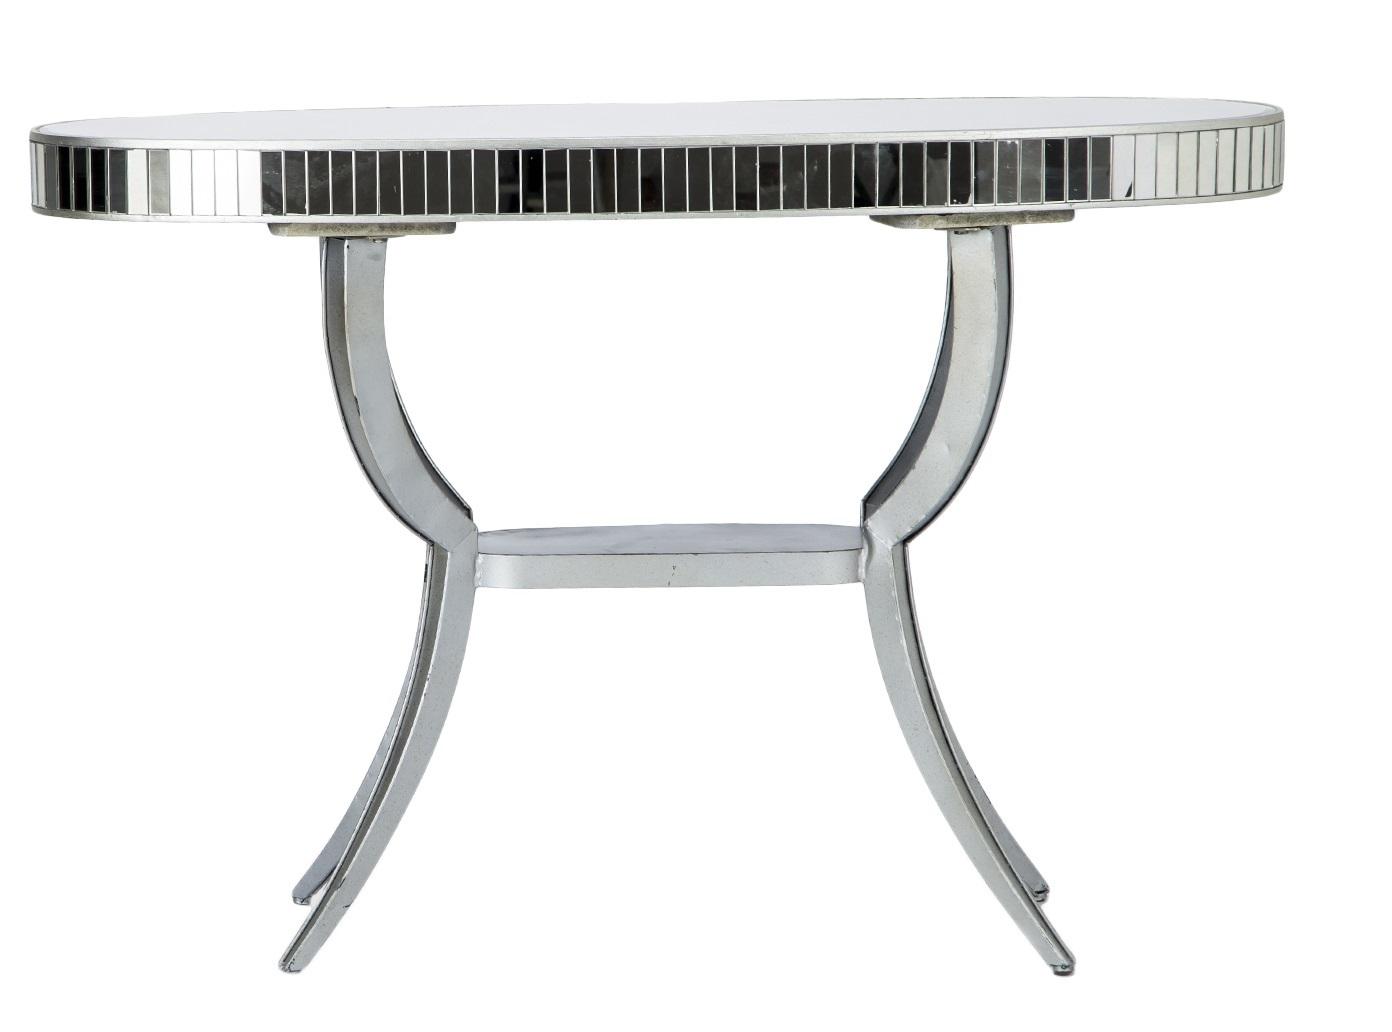 Консоль овальнаяИнтерьерные консоли<br>Консоль с овальной столешницей из зеркала, декорирована зеркальными вставками, на металлическом основании.<br><br>Material: Металл<br>Width см: 138<br>Depth см: 51<br>Height см: 92